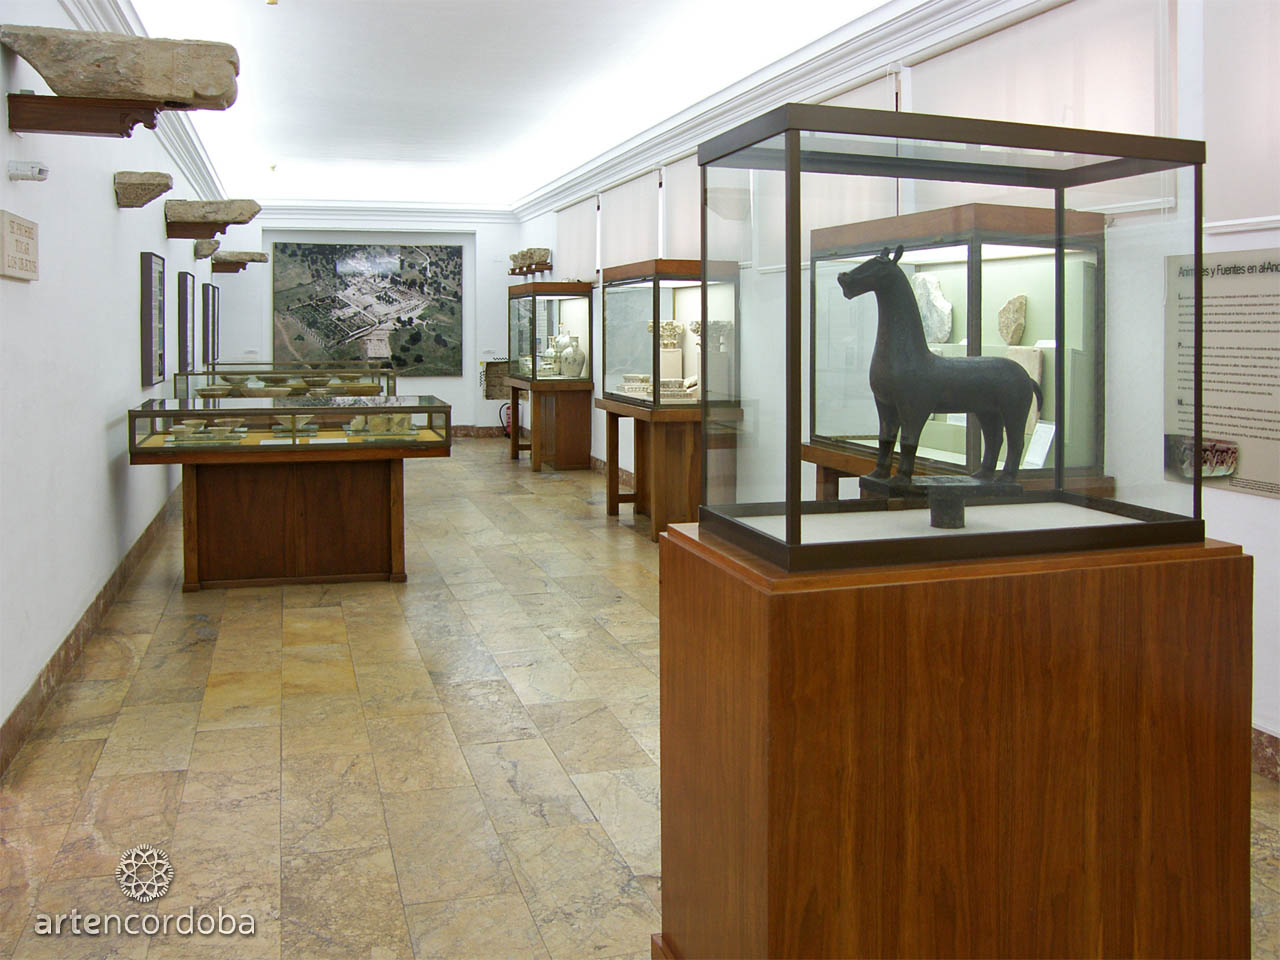 Salas de al-Andalus del Museo Arqueológico de Córdoba